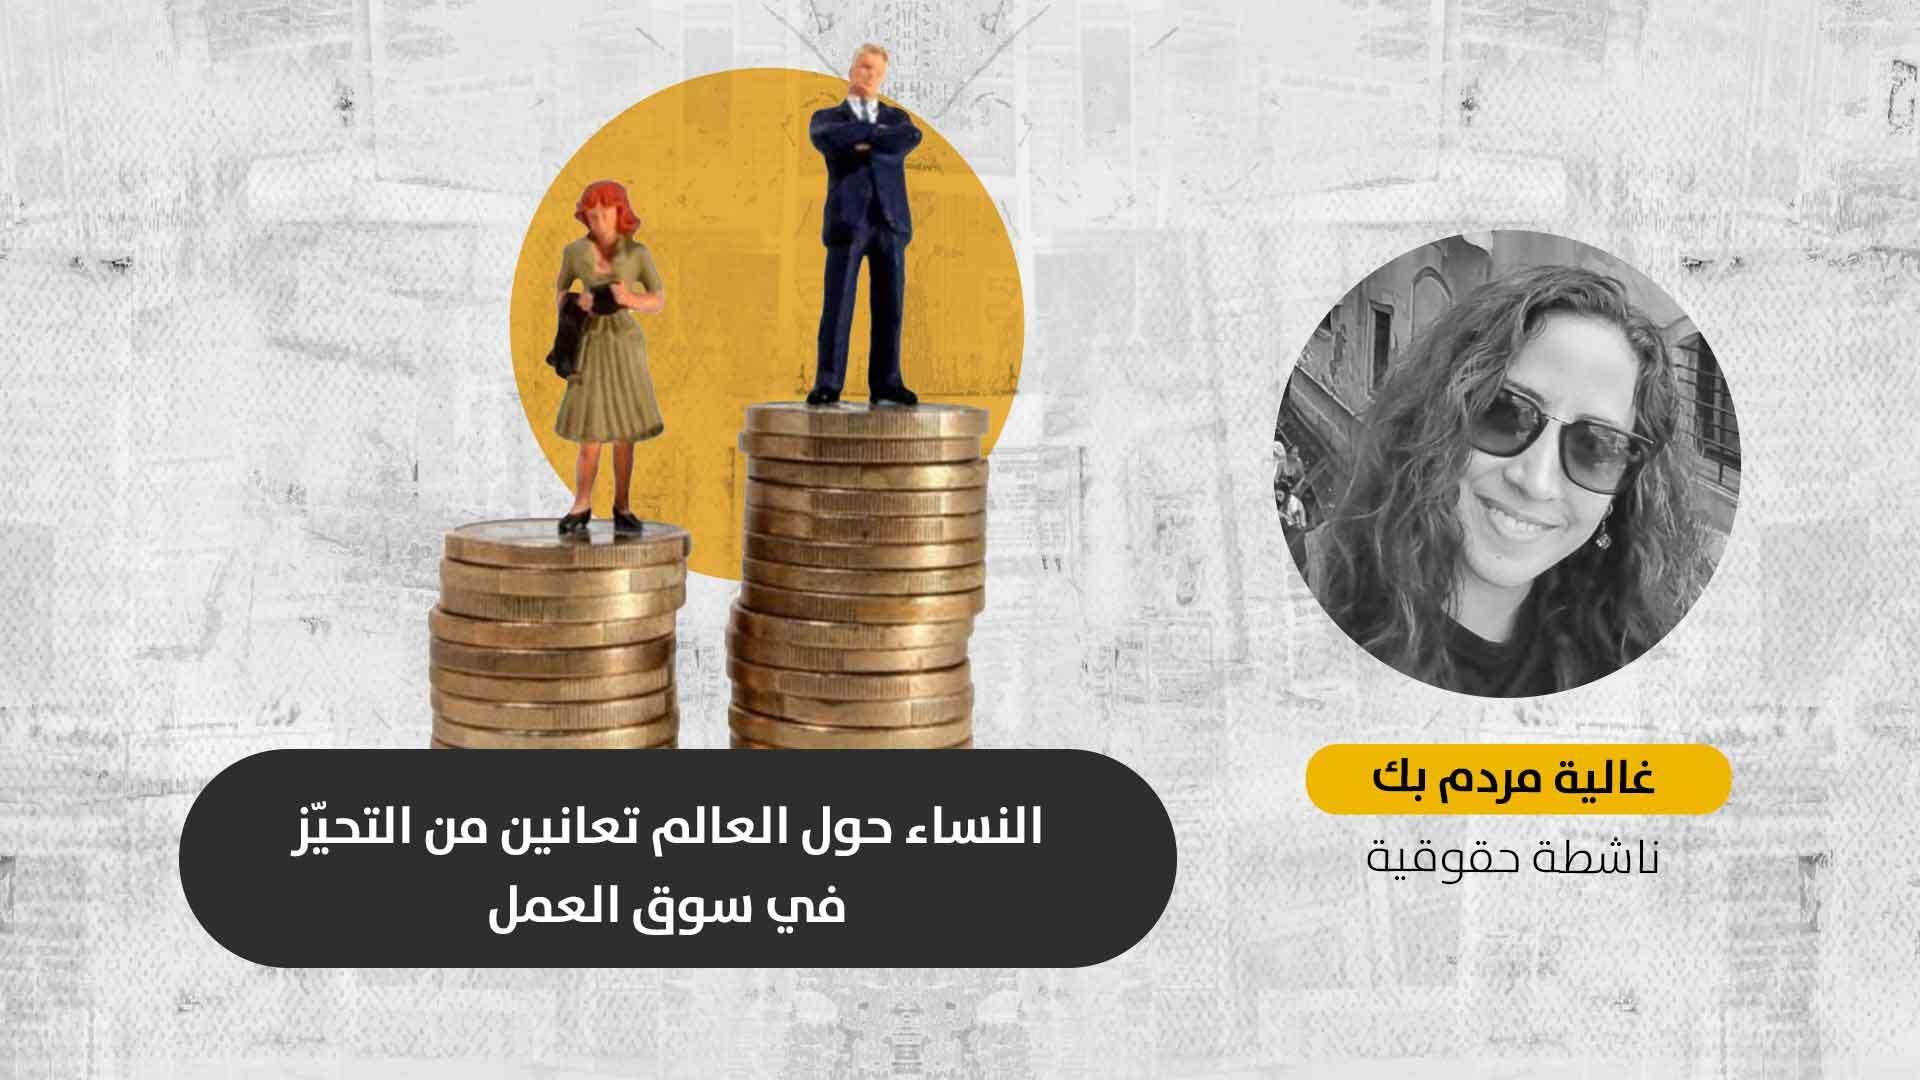 """تحيّز """"المجتمع الجنساني"""" ضد النساء في سوق العمل"""